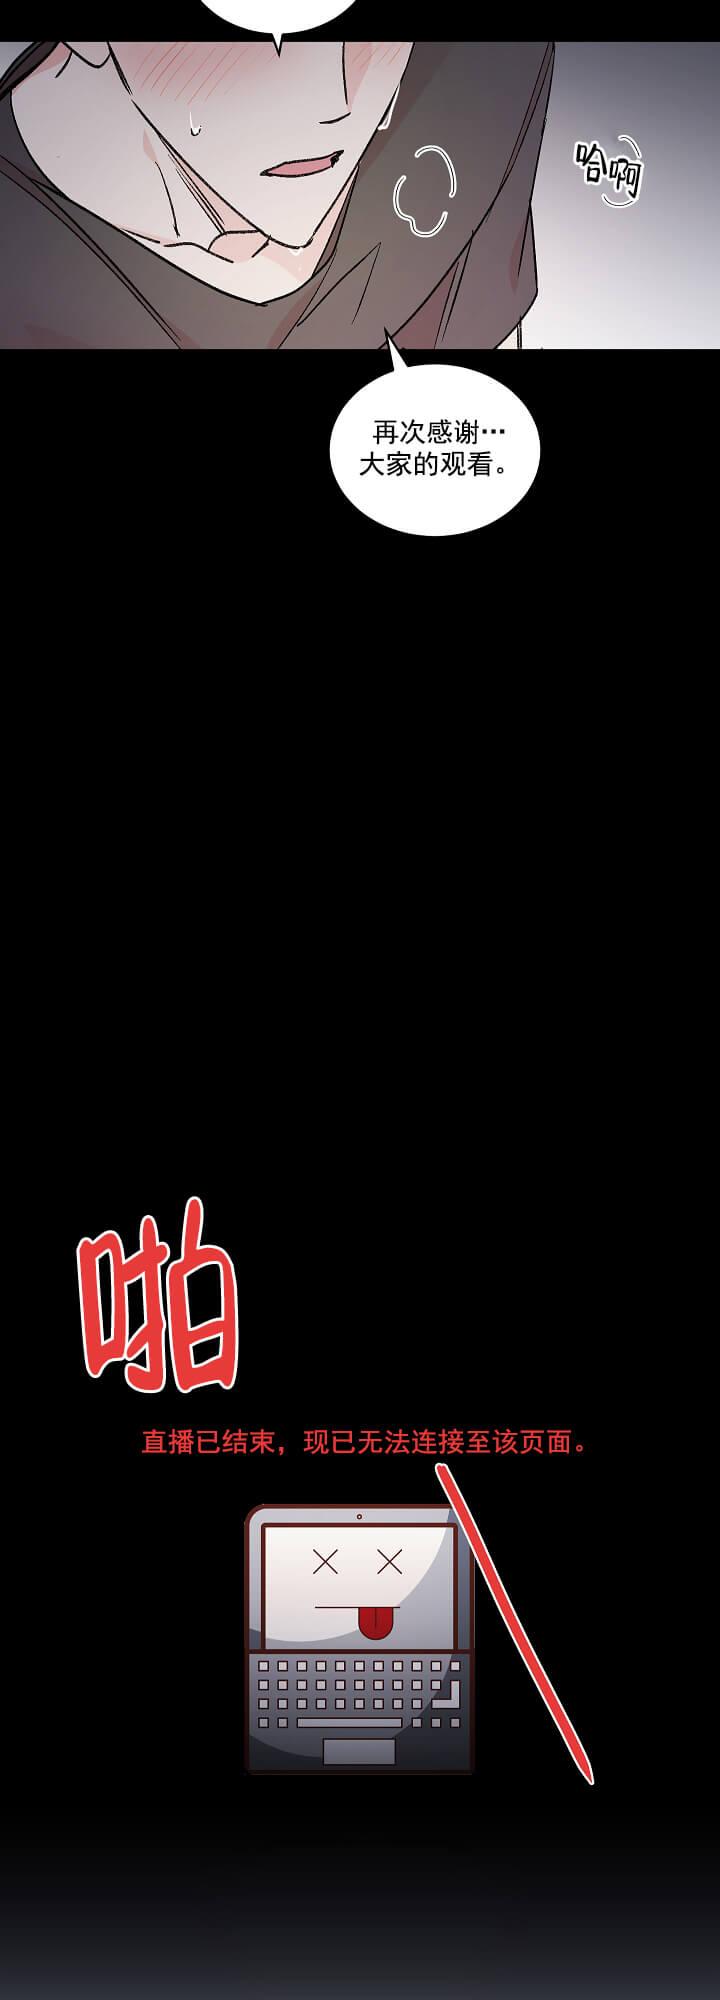 韩漫 | 《秘密疗法》永远的第一名之第二名的逆袭  第7张